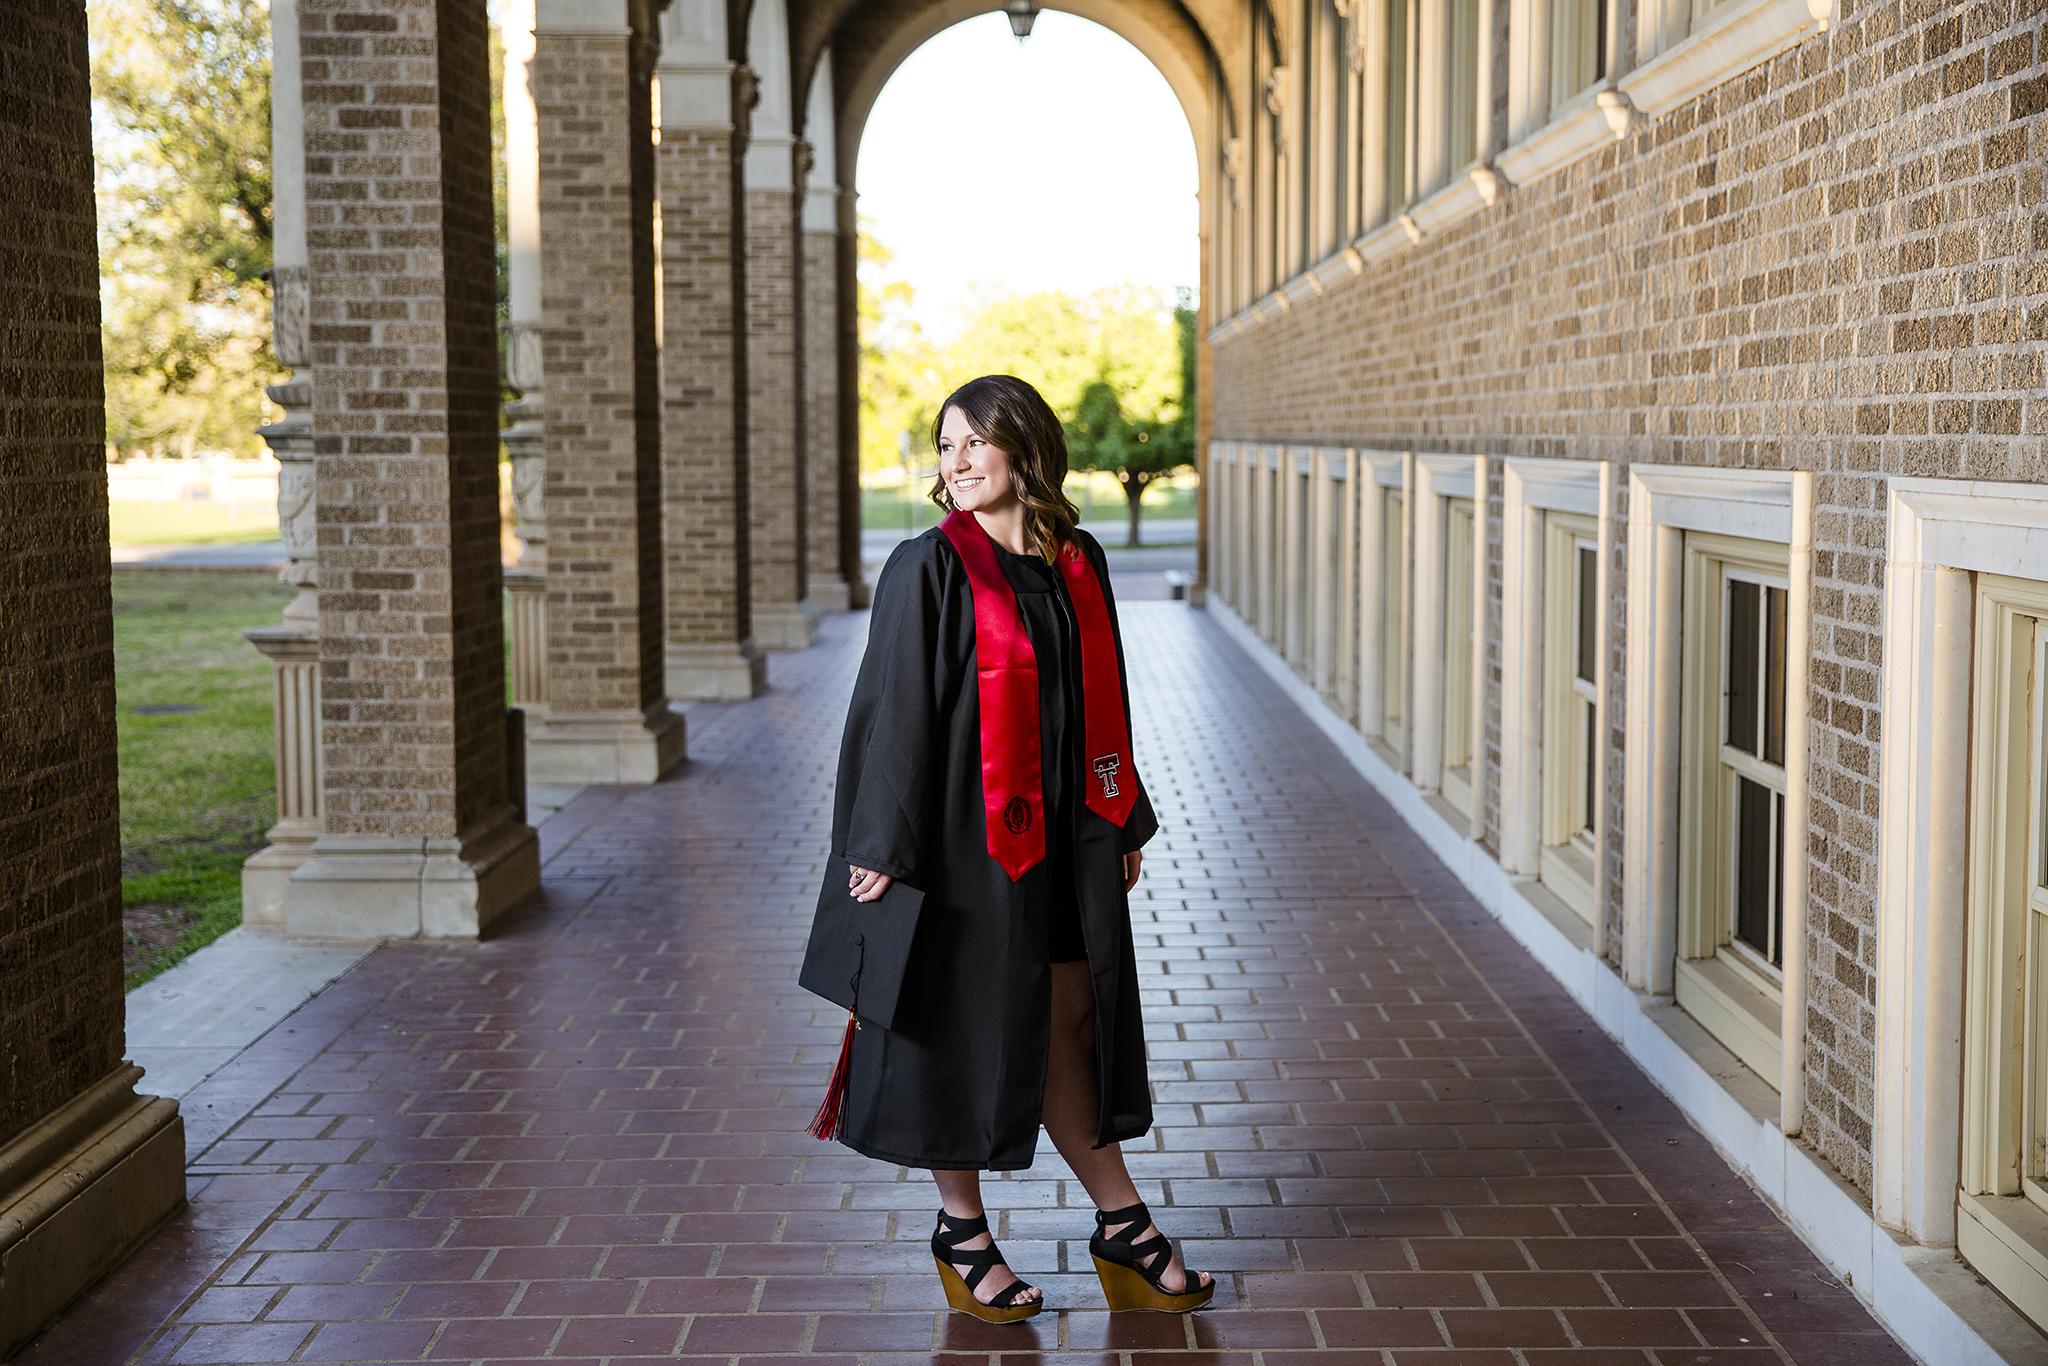 Graduate, College Senior Portraits, 2016